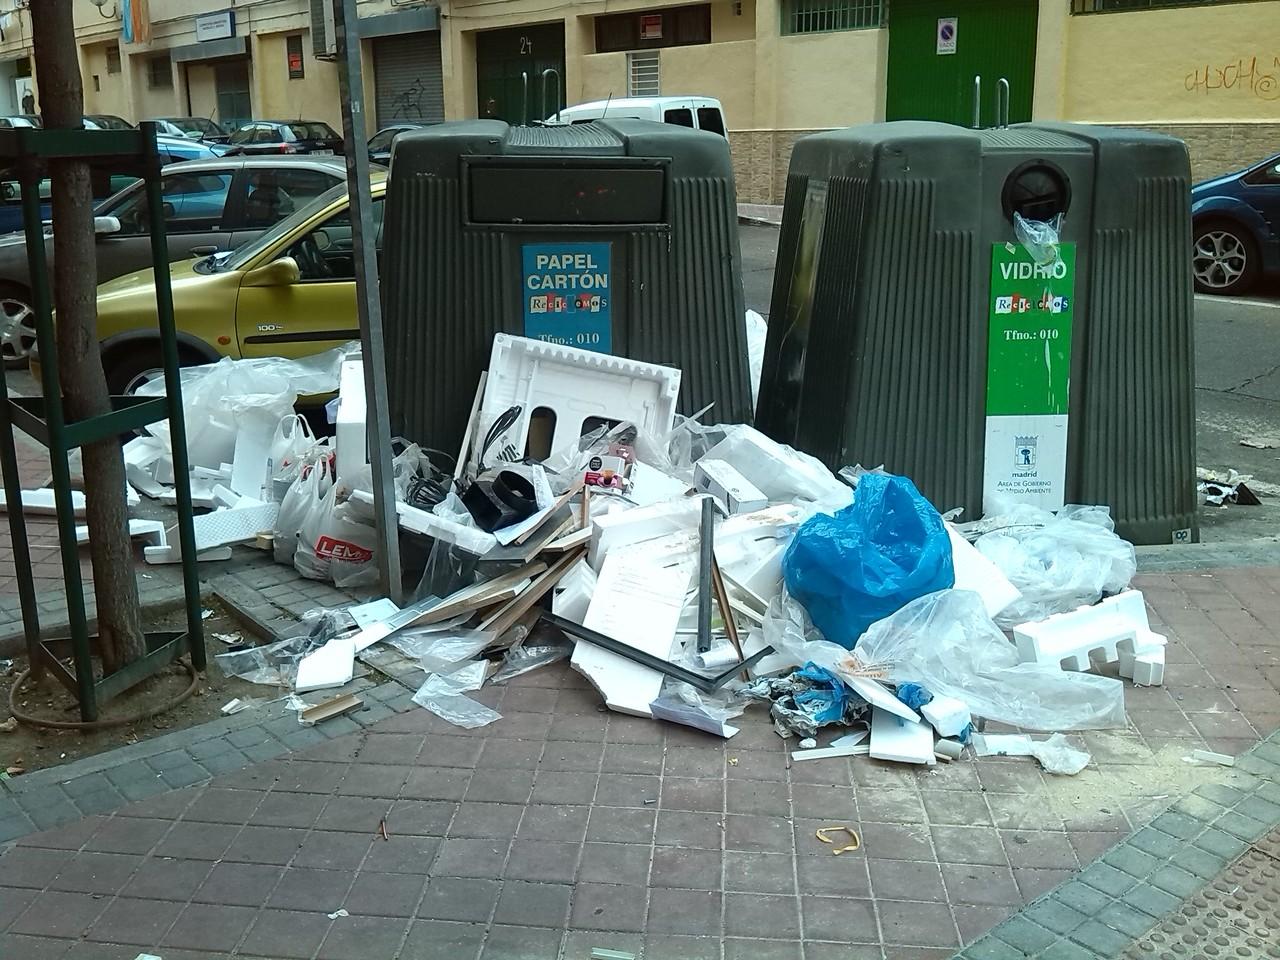 """Emilio envía esta imagen de Omega Comenta que """"Hay vecinos que confunden los contenedores de reciclado con puntos limpios. Dice que ocurre a menudo y también denuncia la eliminación de contenedores de cartón en esta calle. No nos ponen fácil el reciclaje"""""""